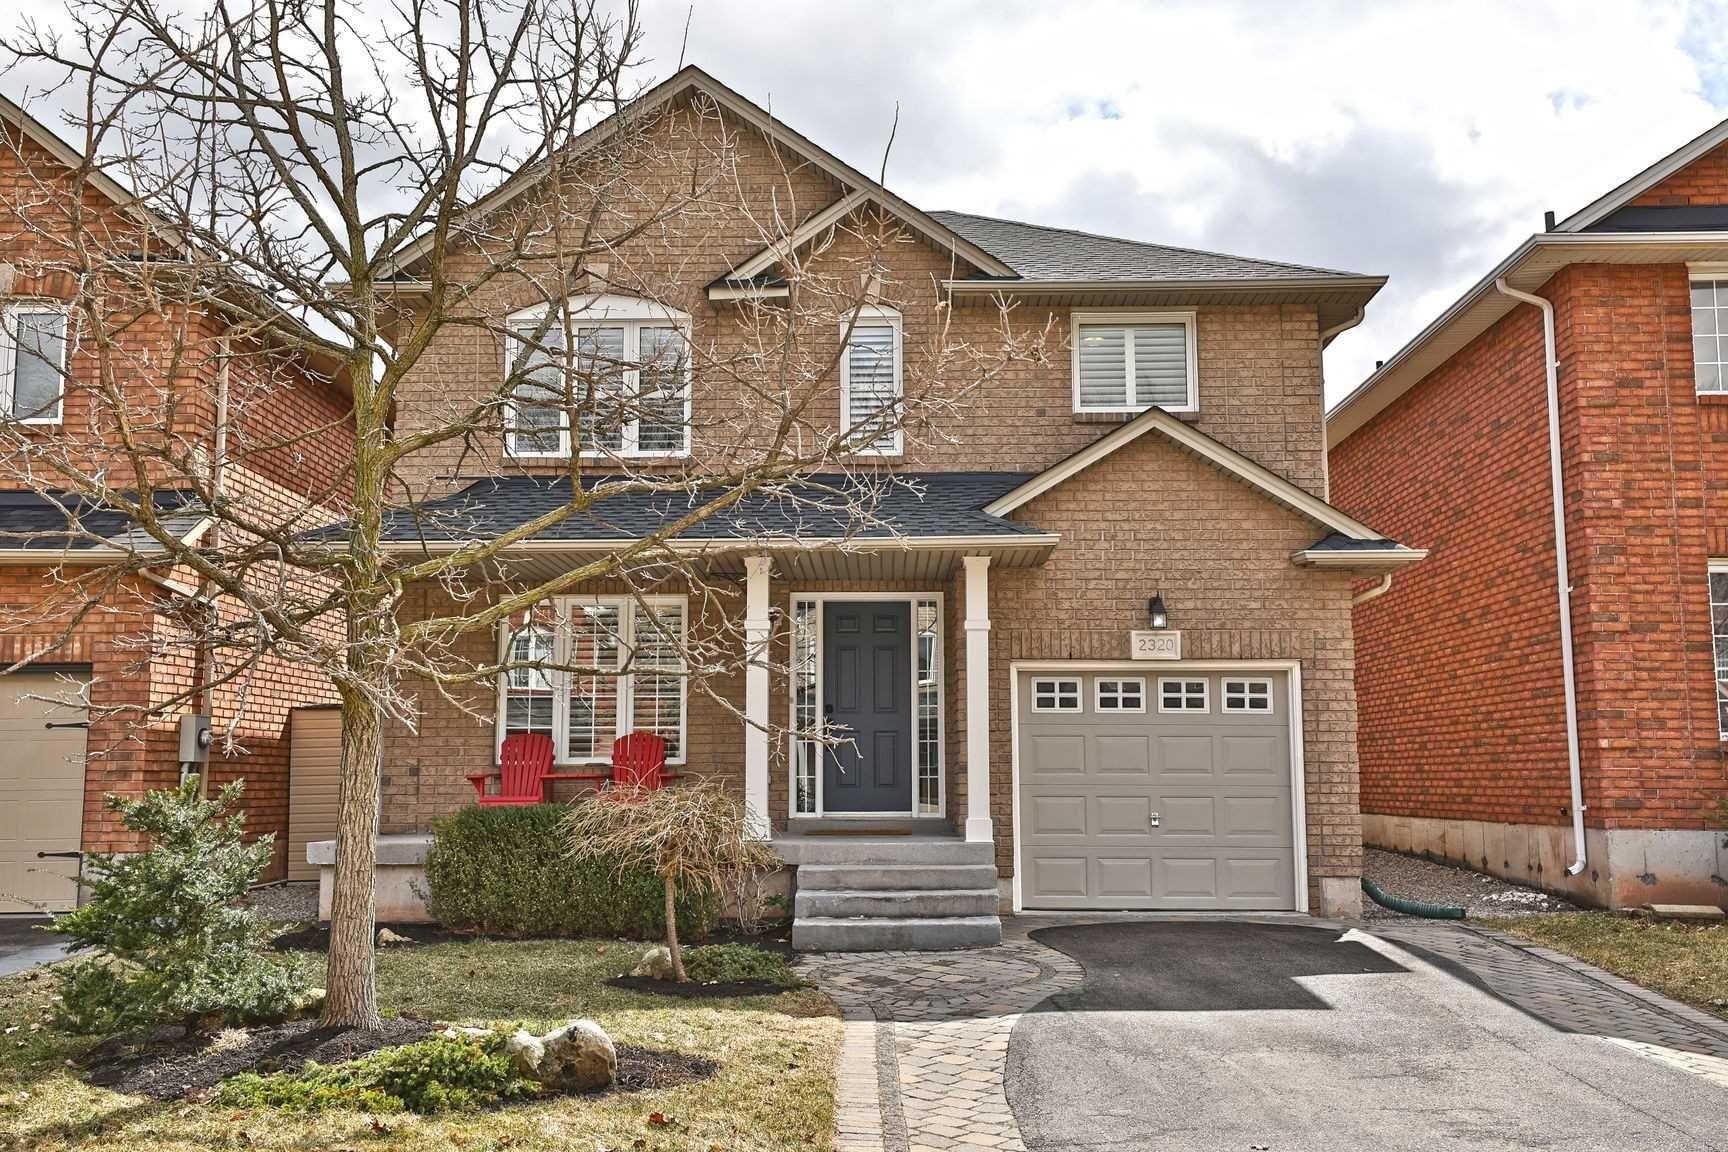 Main Photo: 2320 Stillmeadow Road in Oakville: West Oak Trails House (2-Storey) for sale : MLS®# W4411970